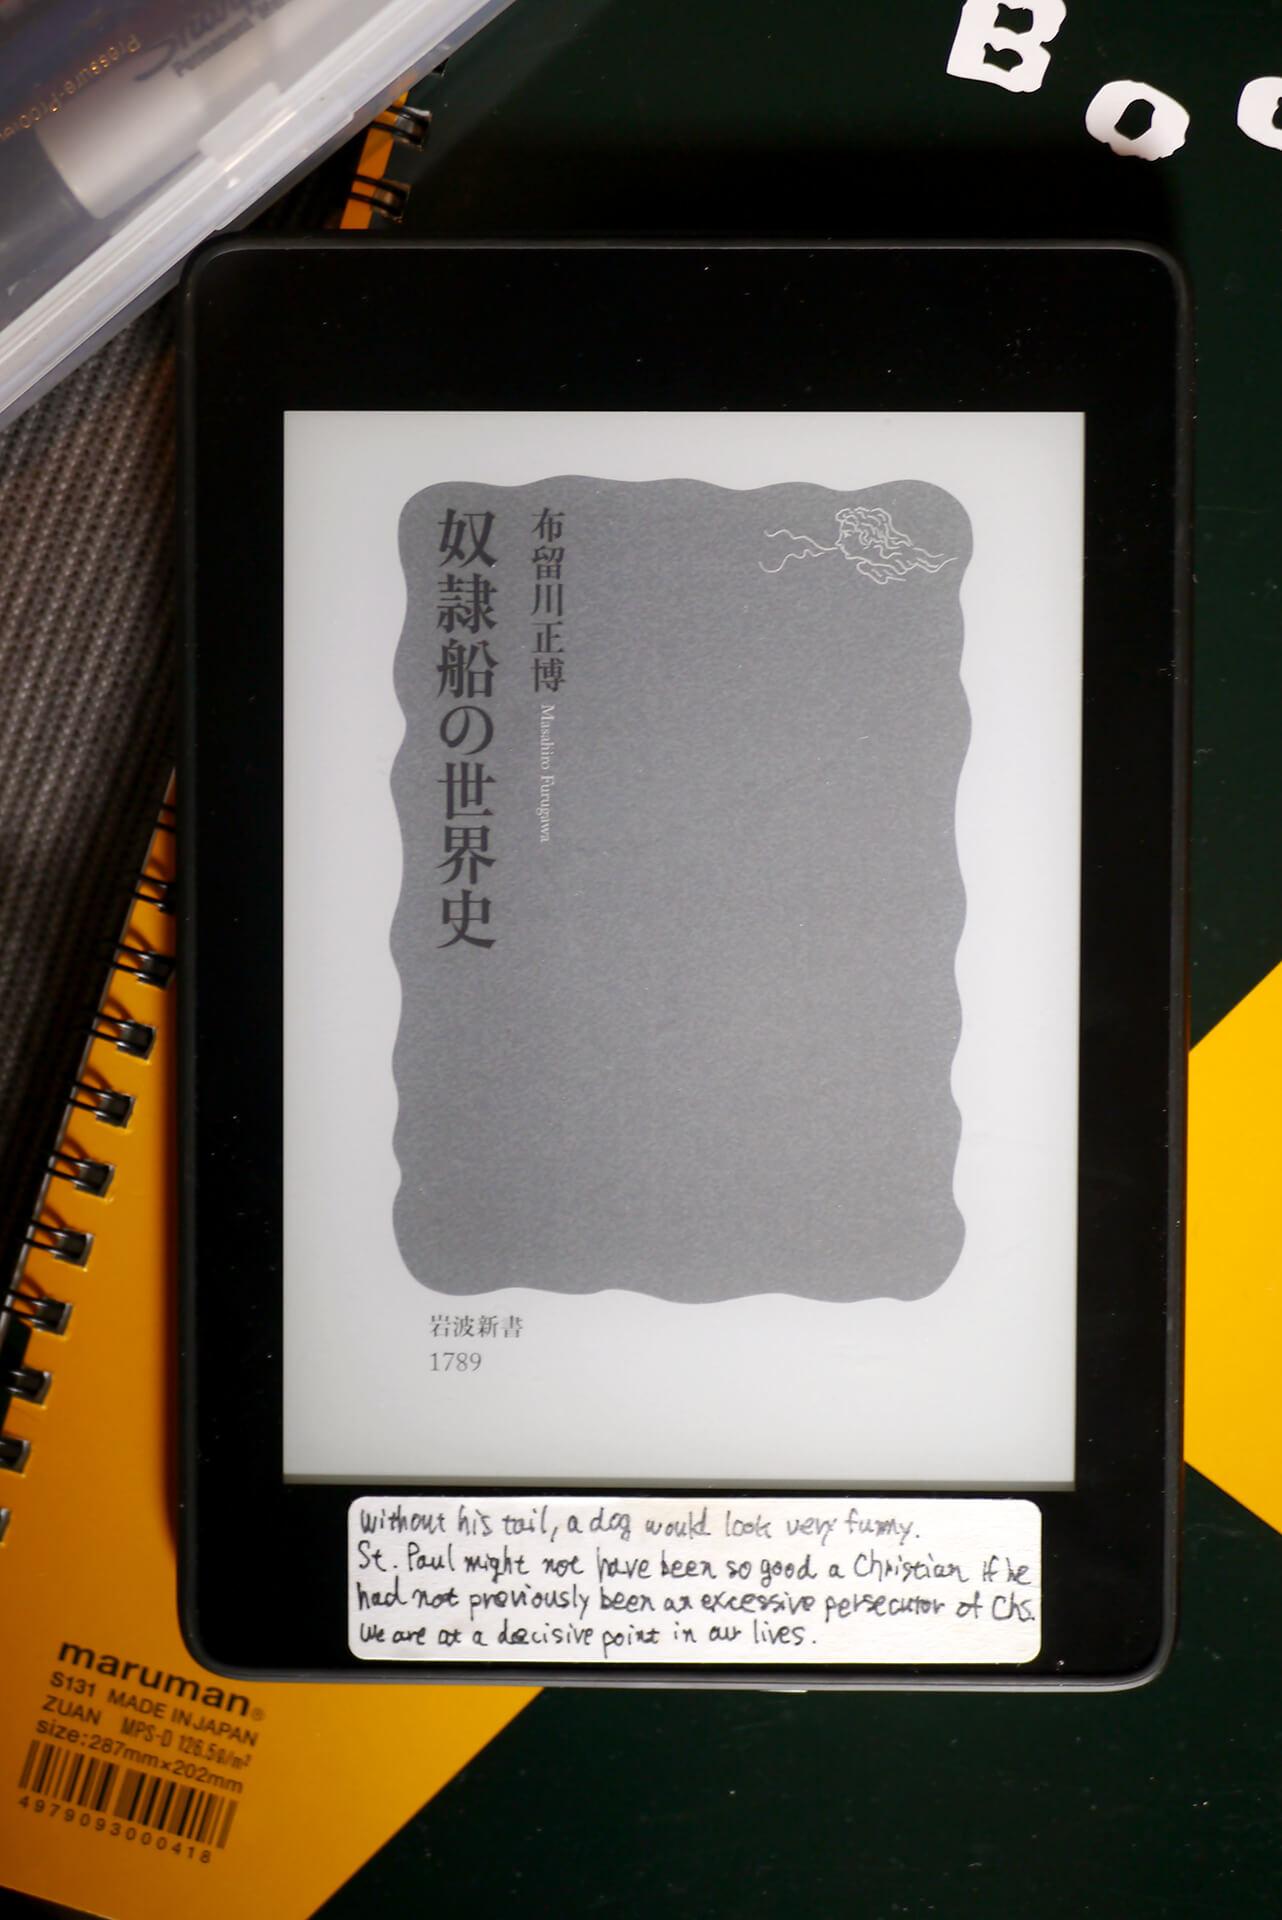 書籍奴隷船の世界史(布留川 正博/岩波書店)」の表紙画像